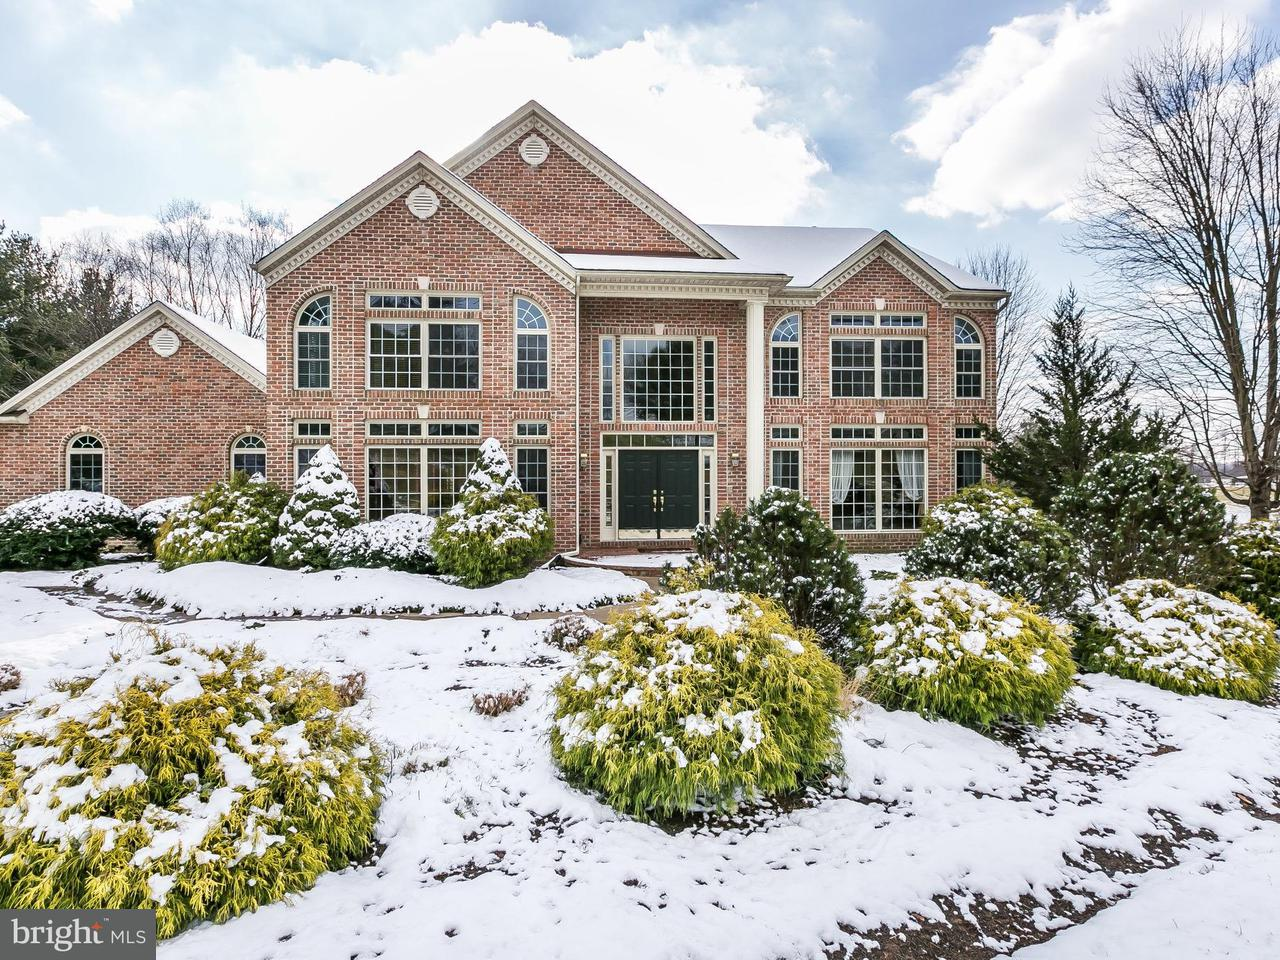 Частный односемейный дом для того Продажа на 2664 BALDWIN MILL Road 2664 BALDWIN MILL Road Baldwin, Мэриленд 21013 Соединенные Штаты